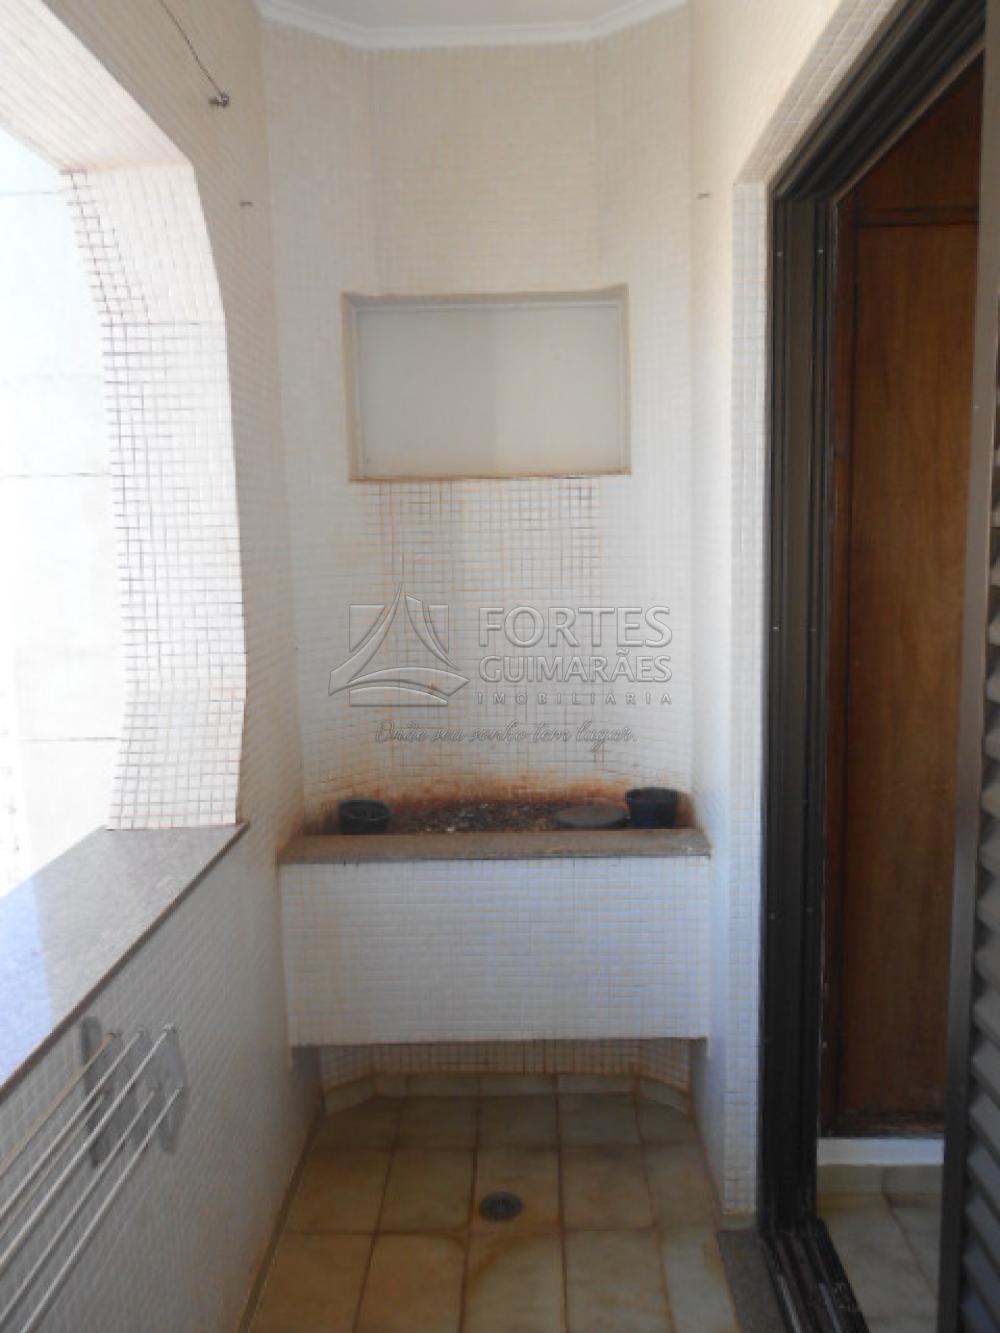 Alugar Apartamentos / Padrão em Ribeirão Preto apenas R$ 1.250,00 - Foto 39